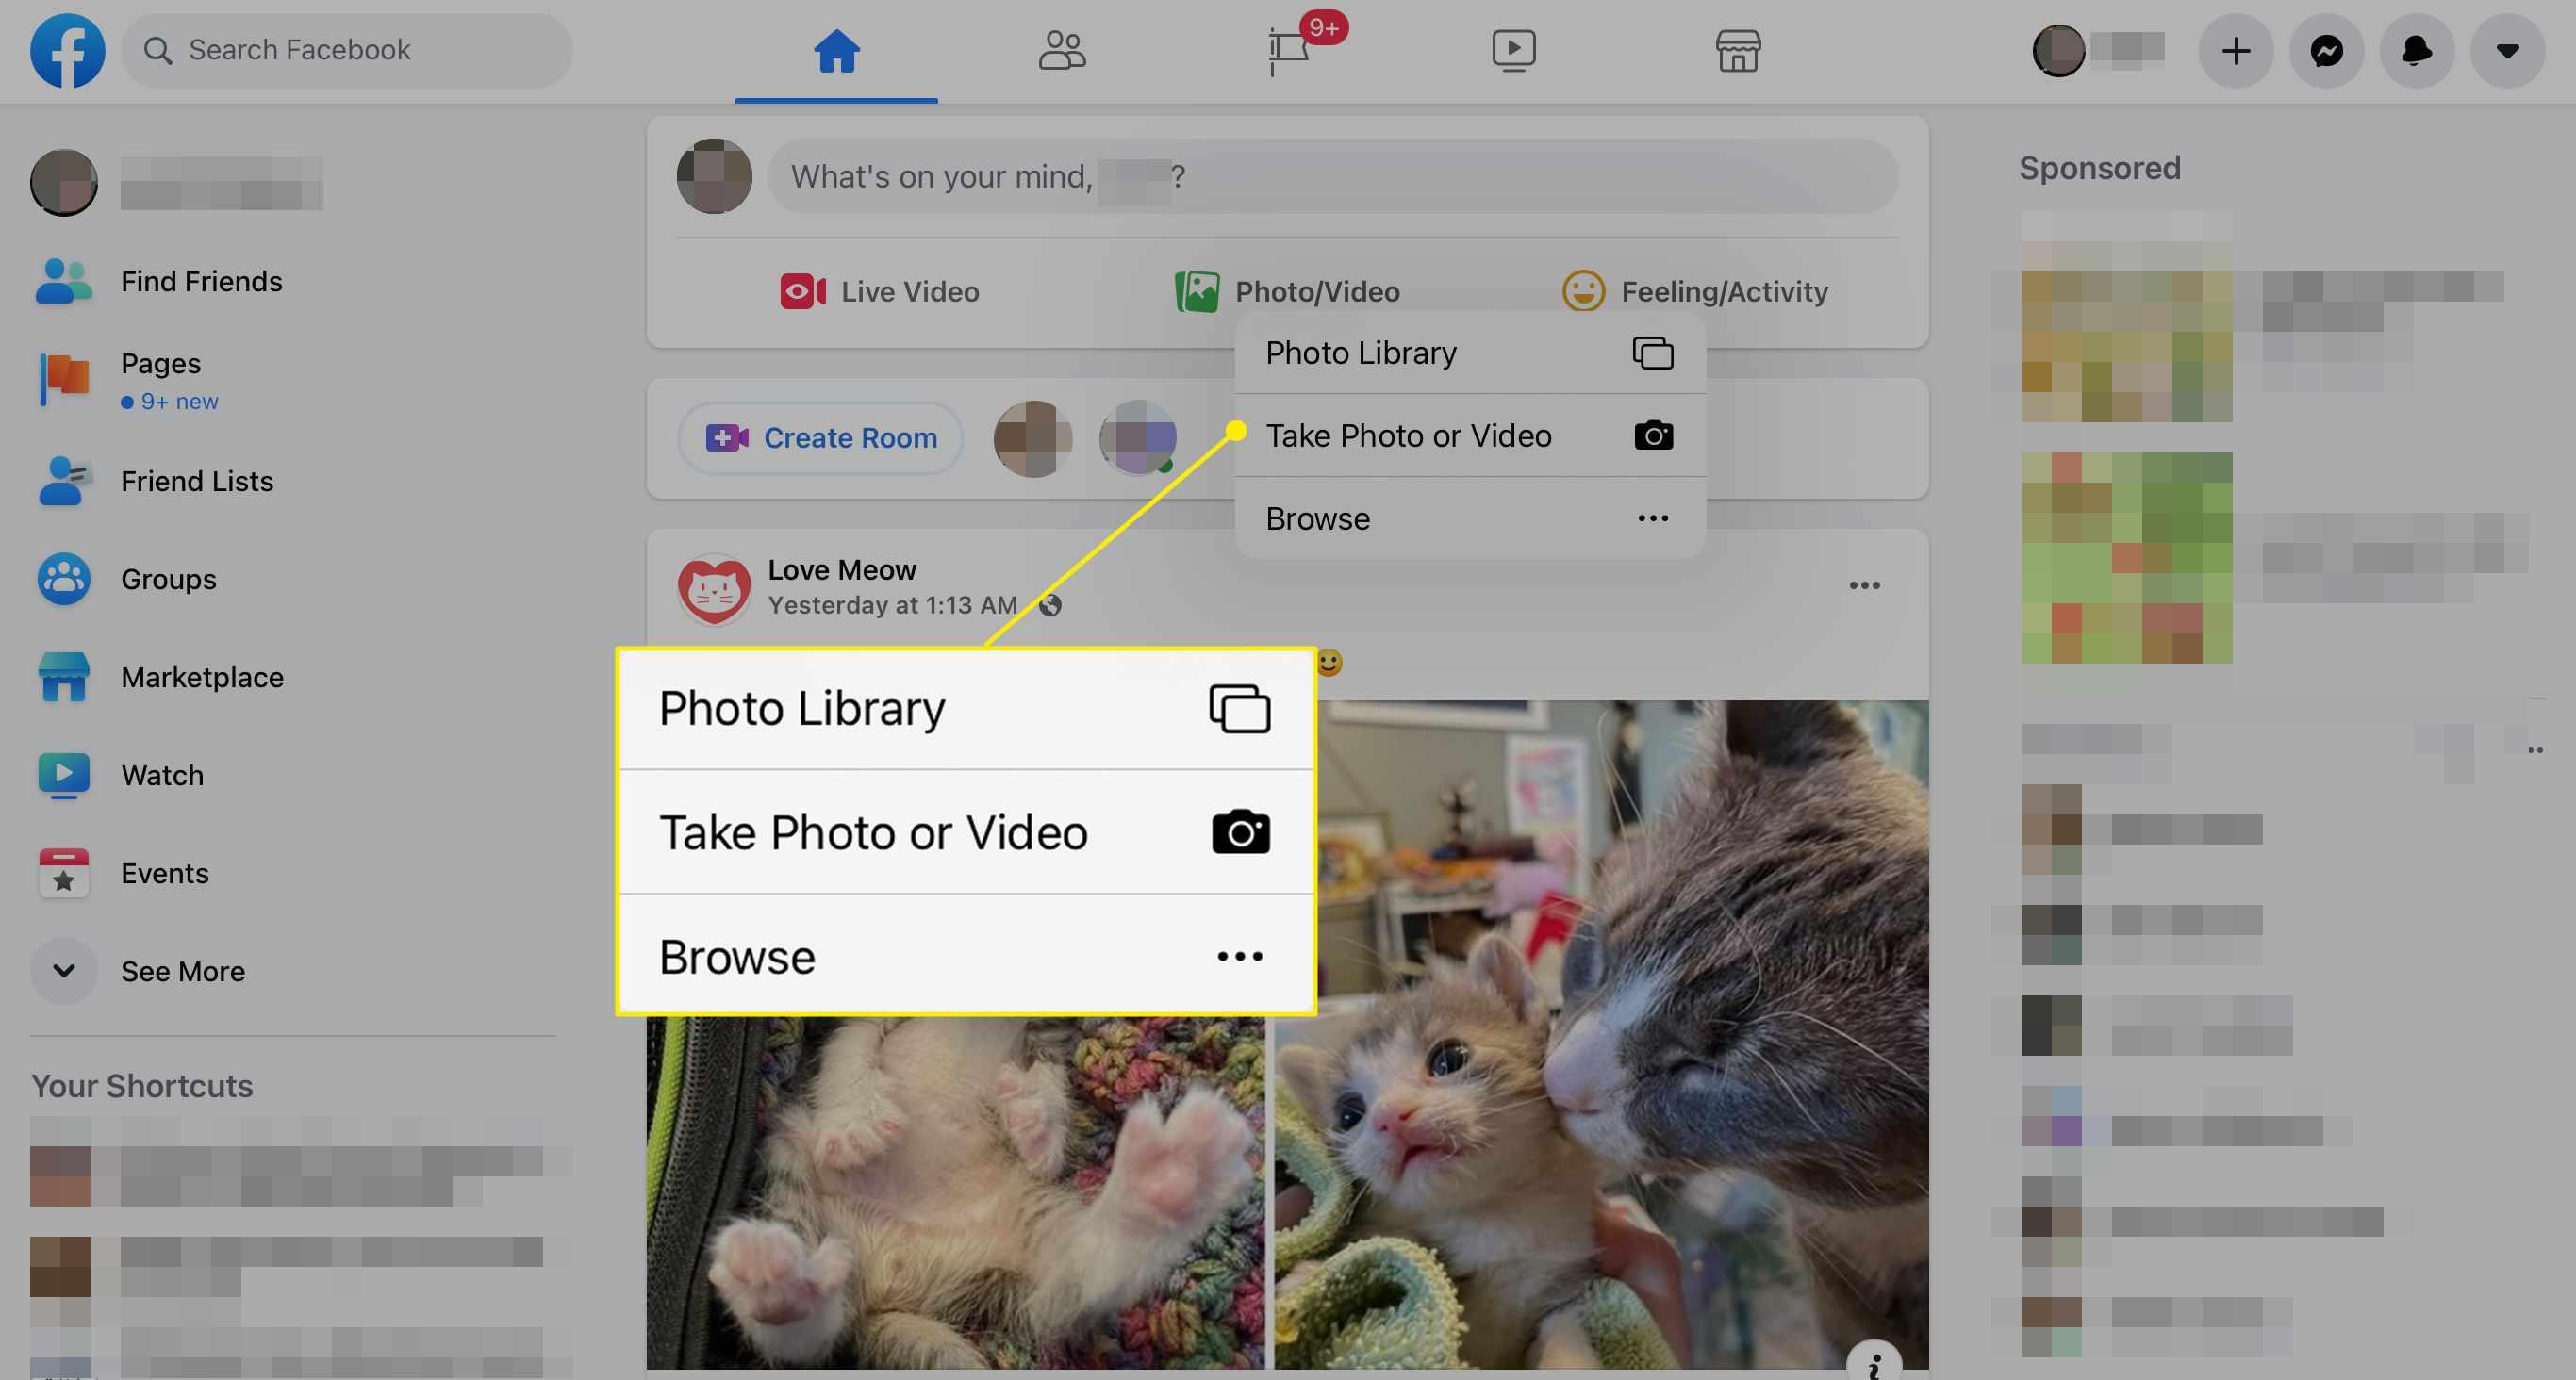 Photo upload options on Facebook via Safari on iPad